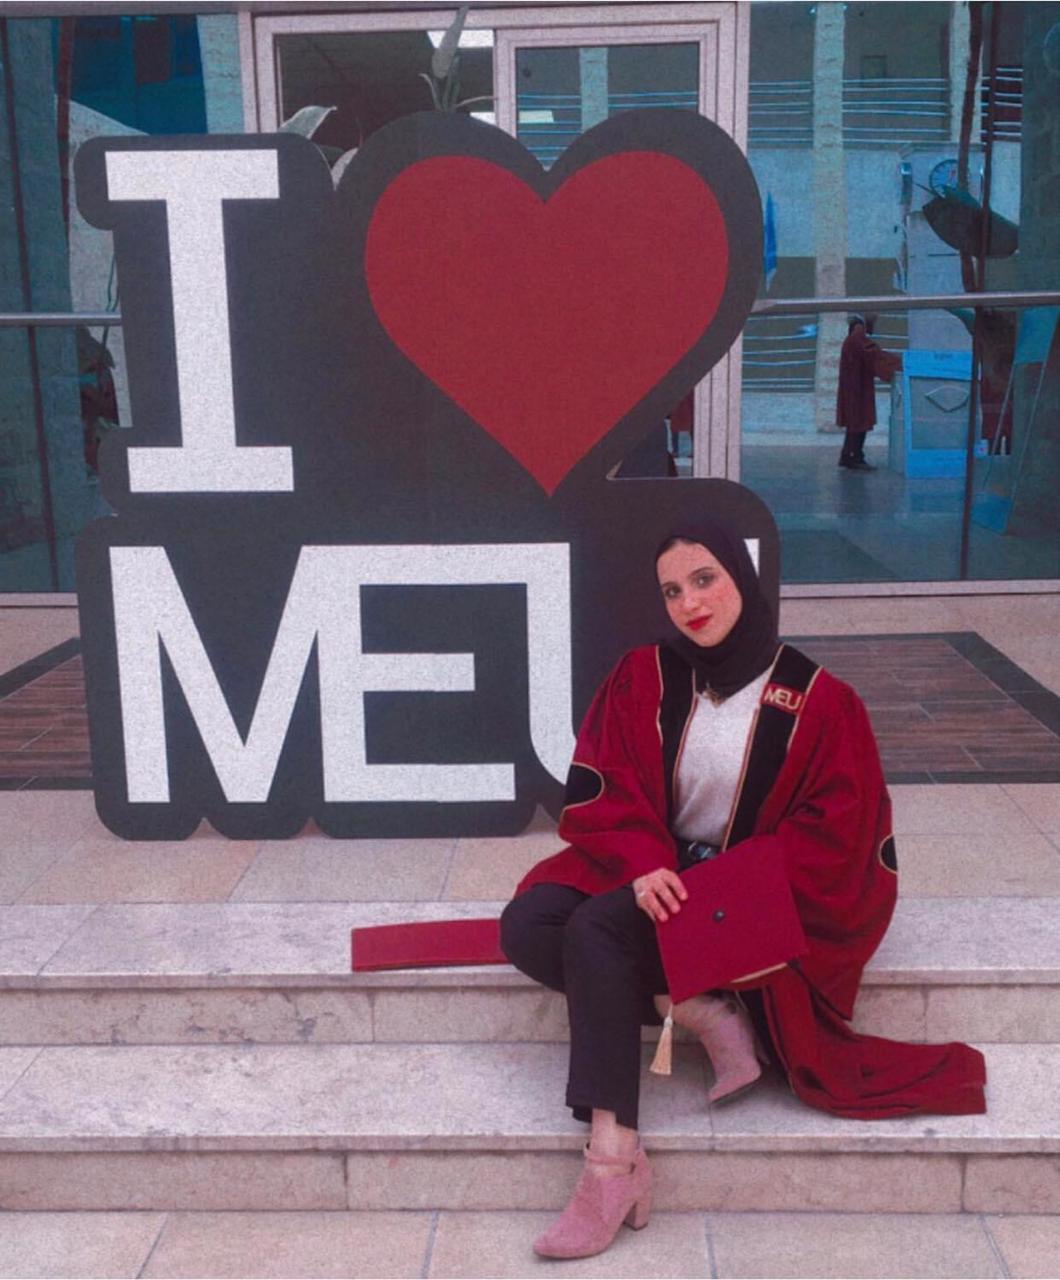 انسام عايد فلاح وليدات  ..  مبارك البكالوريوس بتقدير جيد جدا